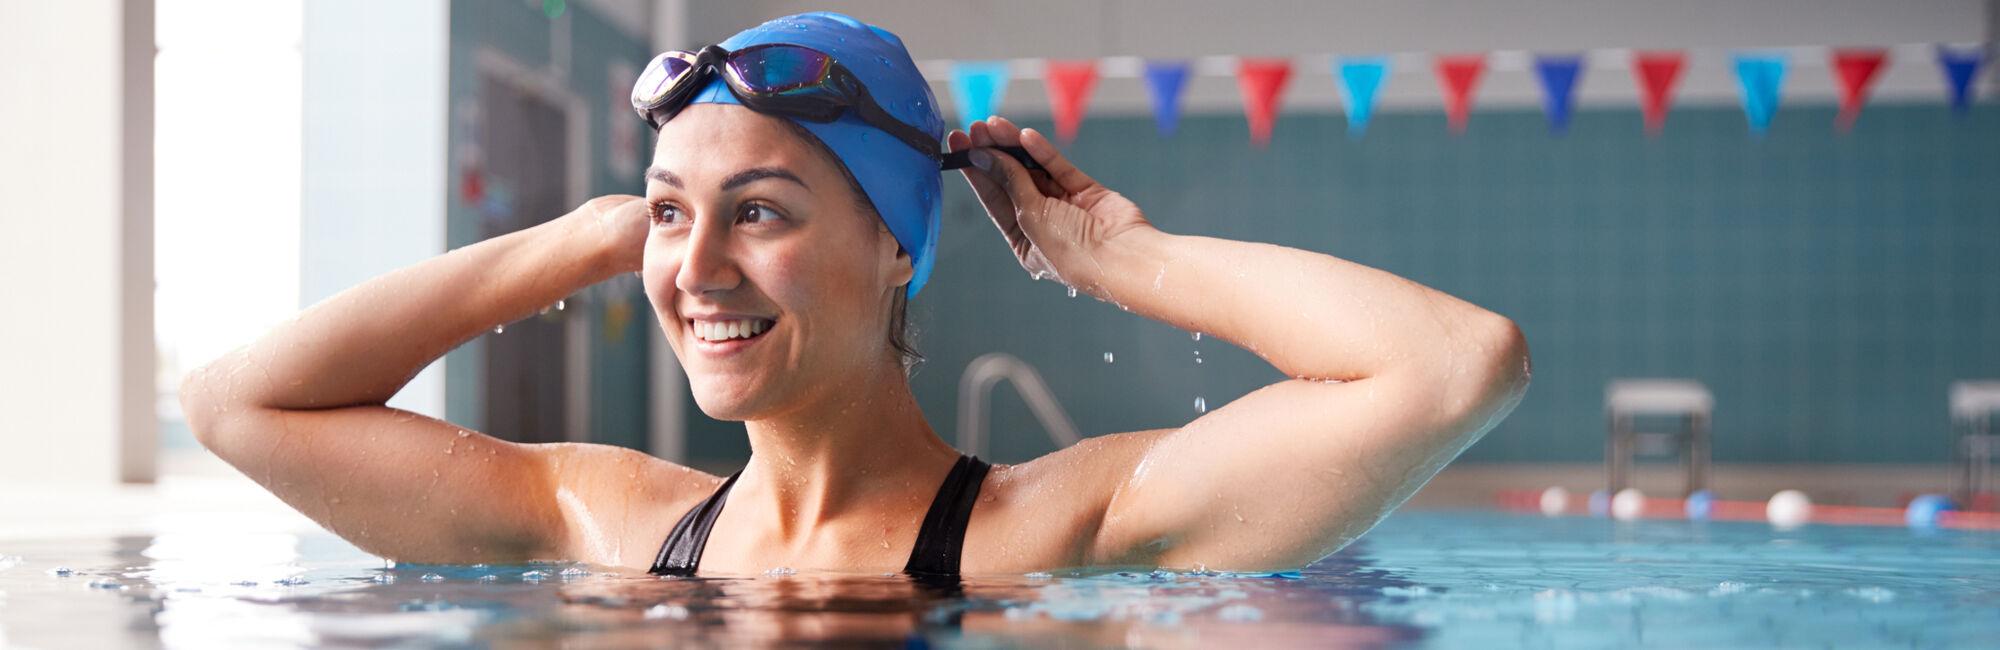 Headerbeeld vrij zwemmen - Portret van zwemster